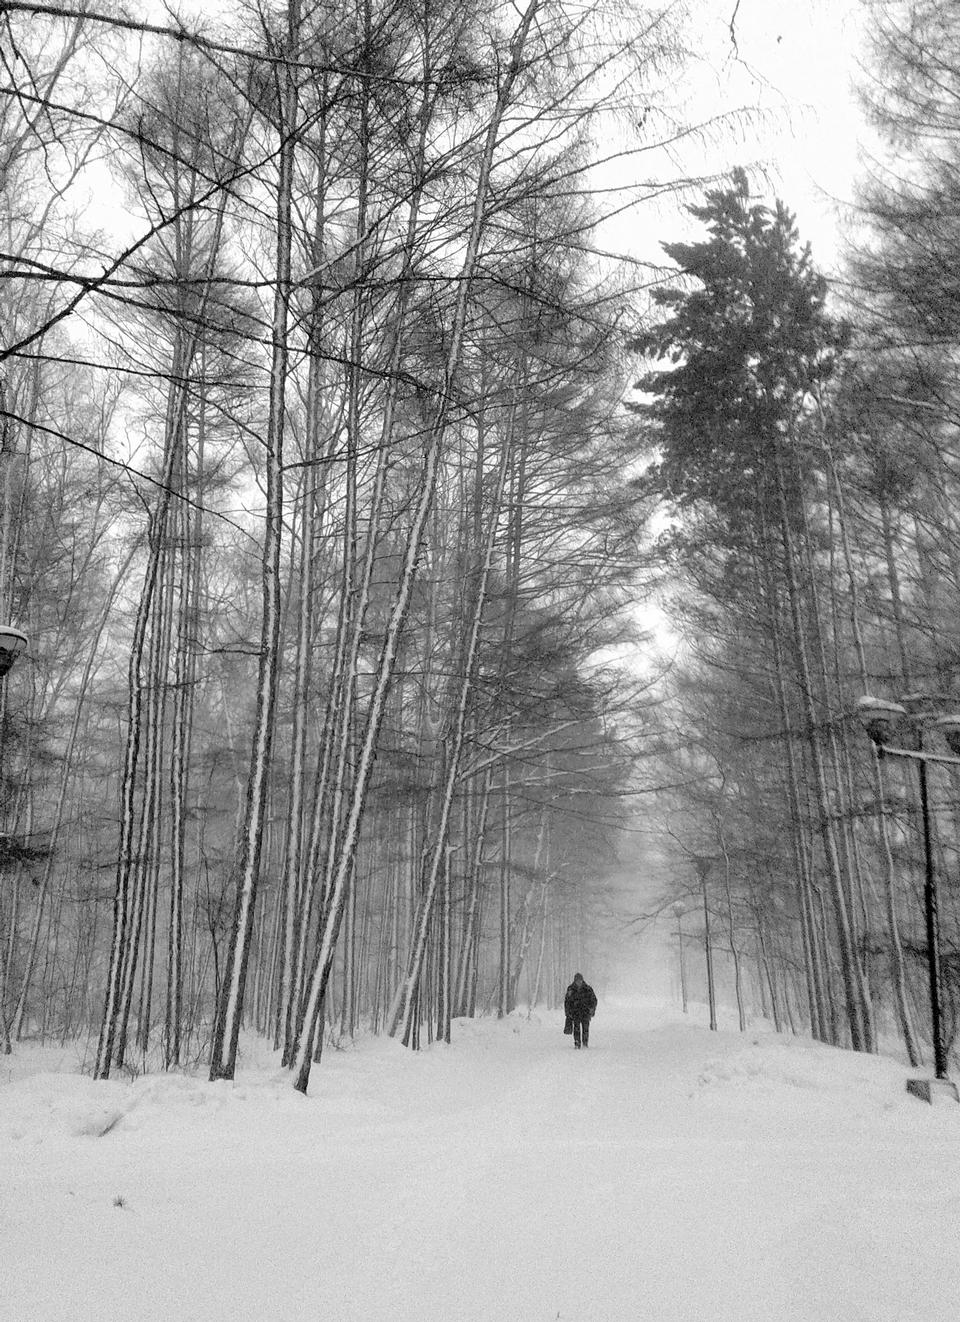 Bosque de fantasía en invierno con el hombre.